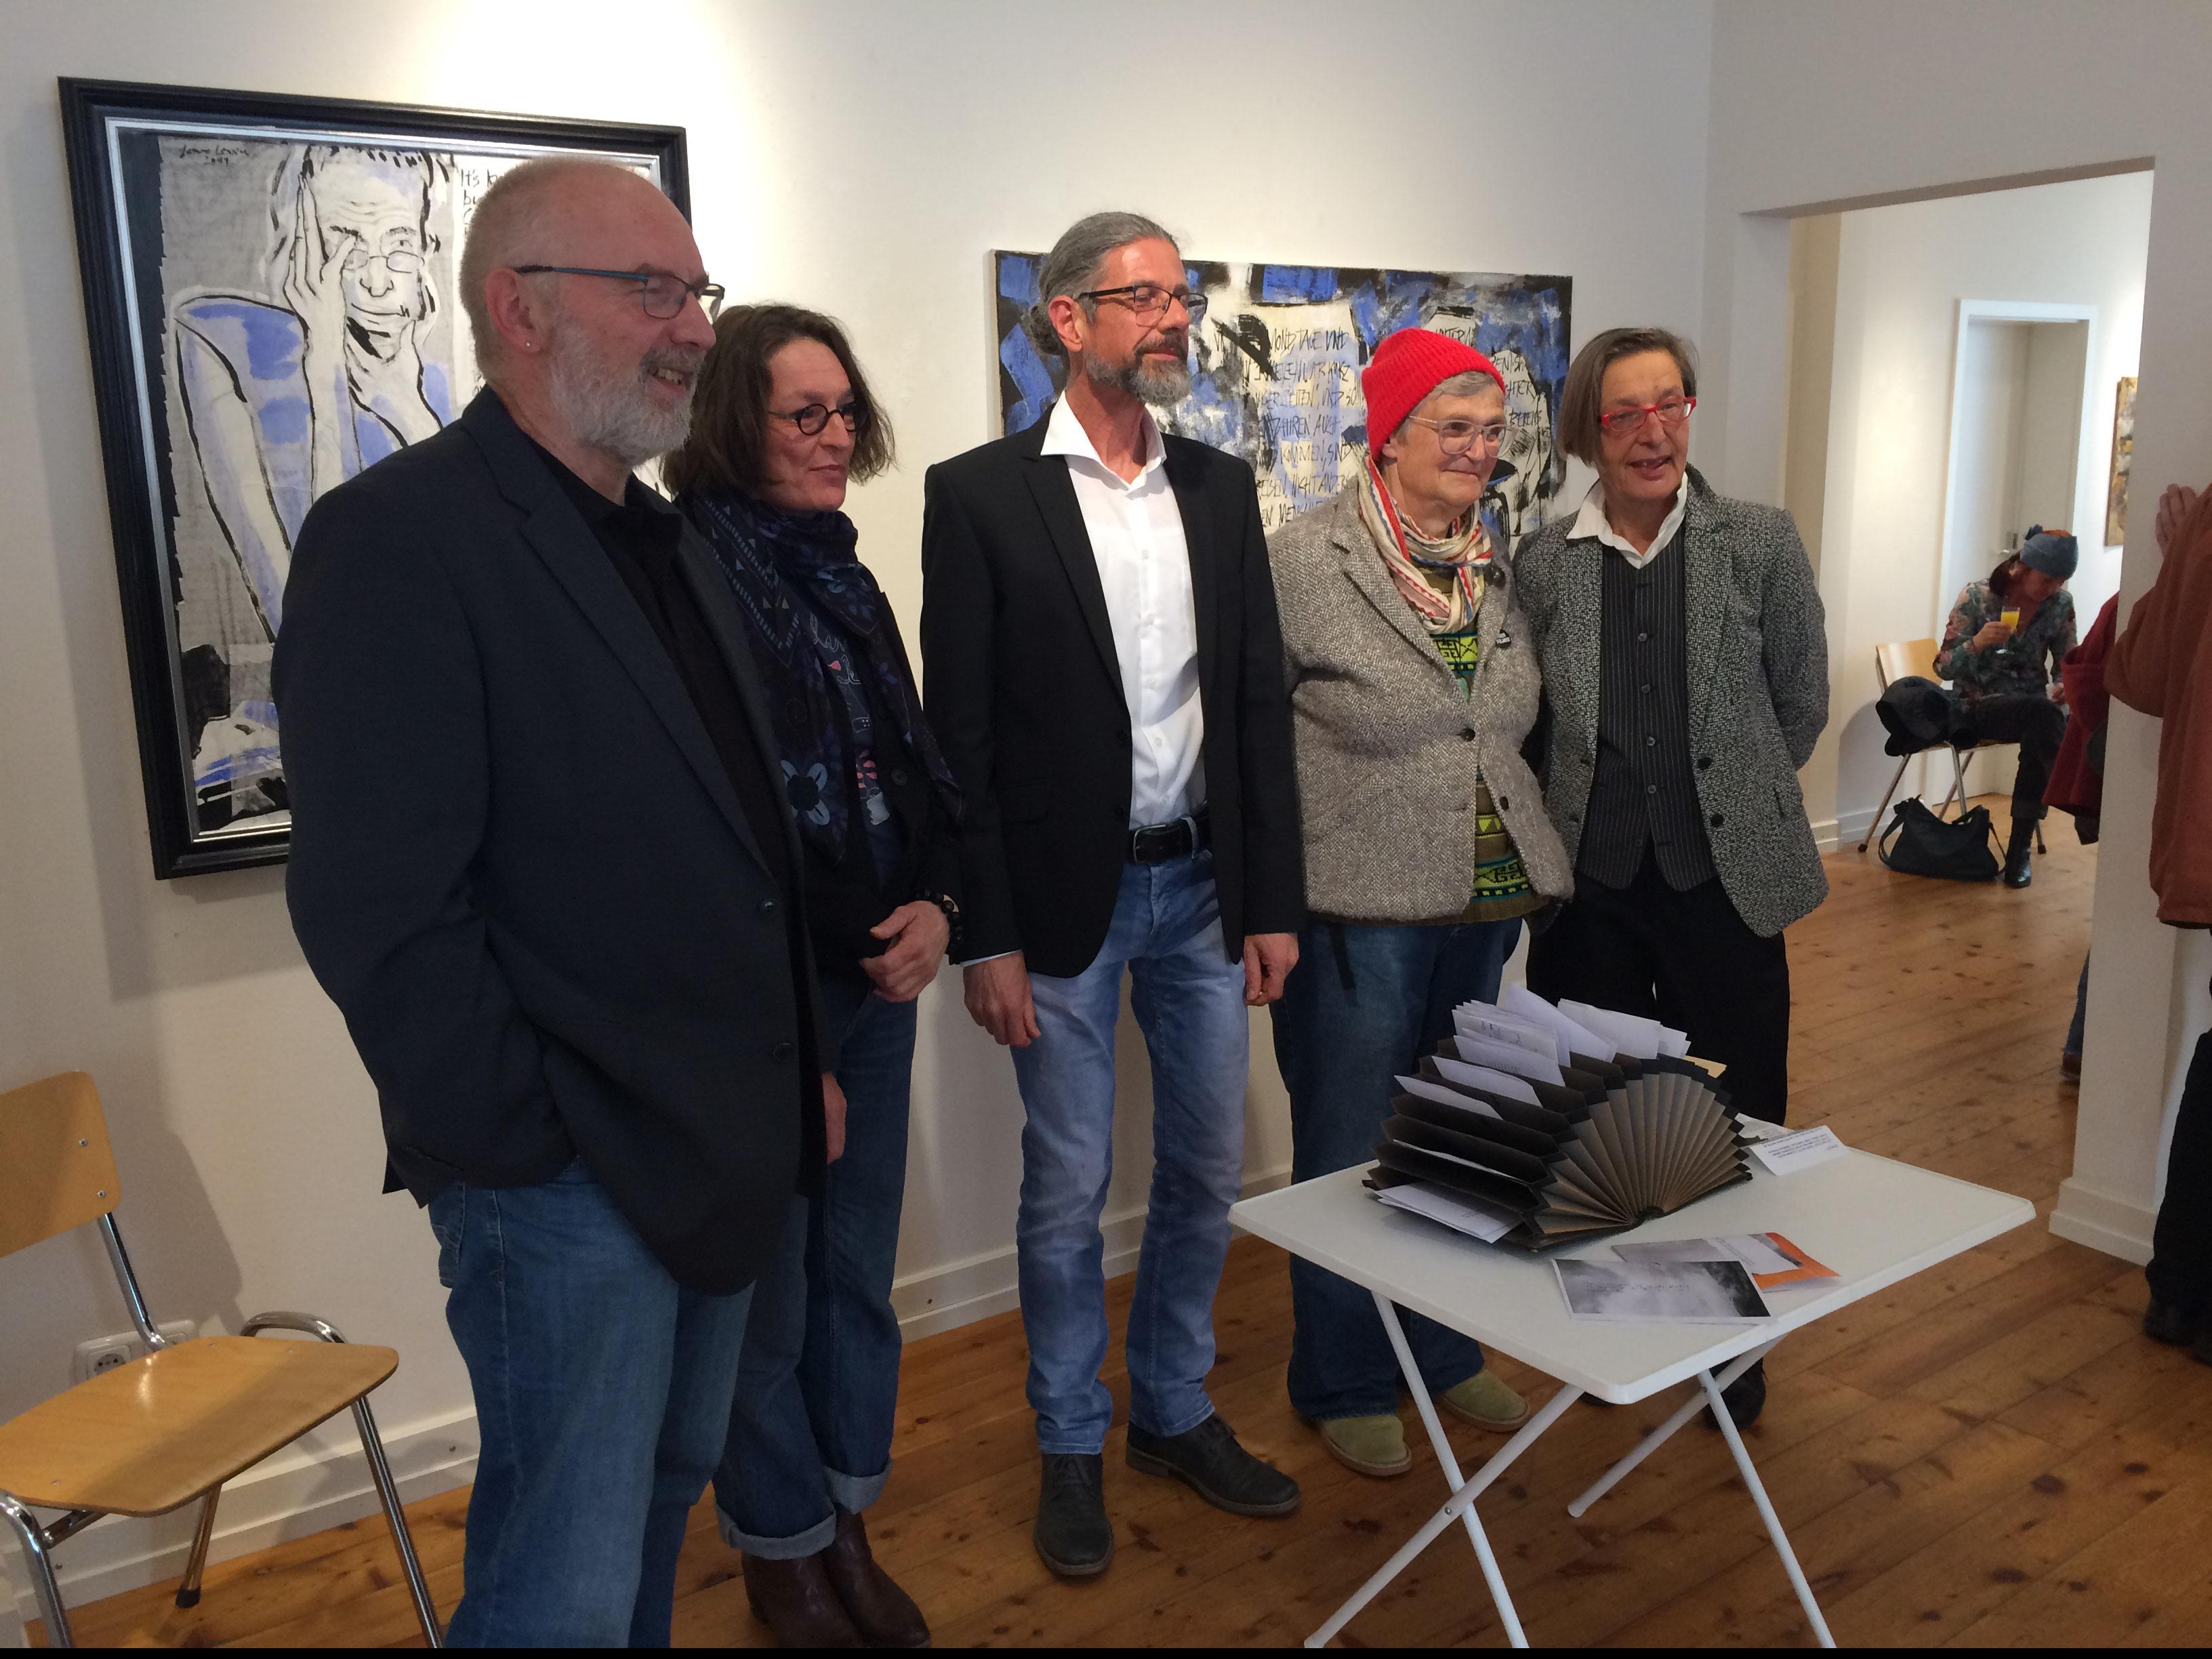 Vernissage der Landfahrer; von links: Eberhard Marx, Nadja Hormisch, Manfred Etten, Jean Lessenich, Kuratorin Maggie Töpfer